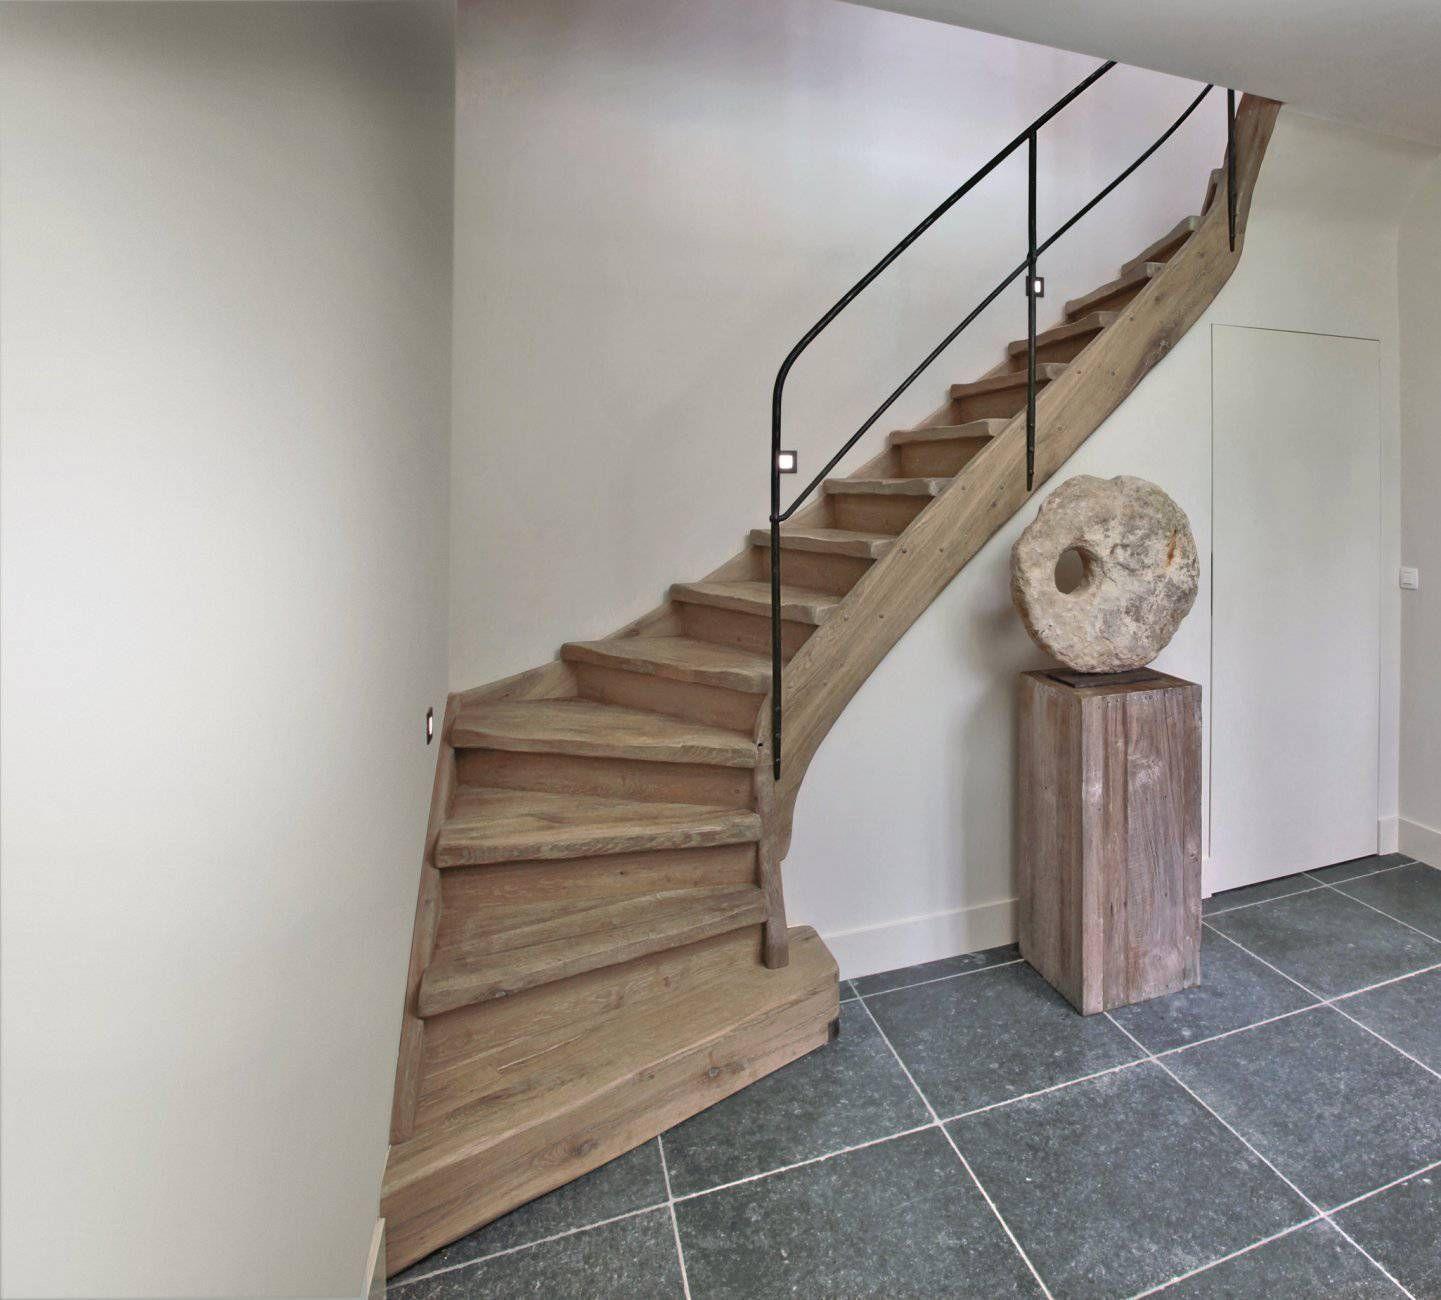 Afbeeldingsresultaat voor landelijke trappen huis pinterest natural interior staircases - Huis trap ...